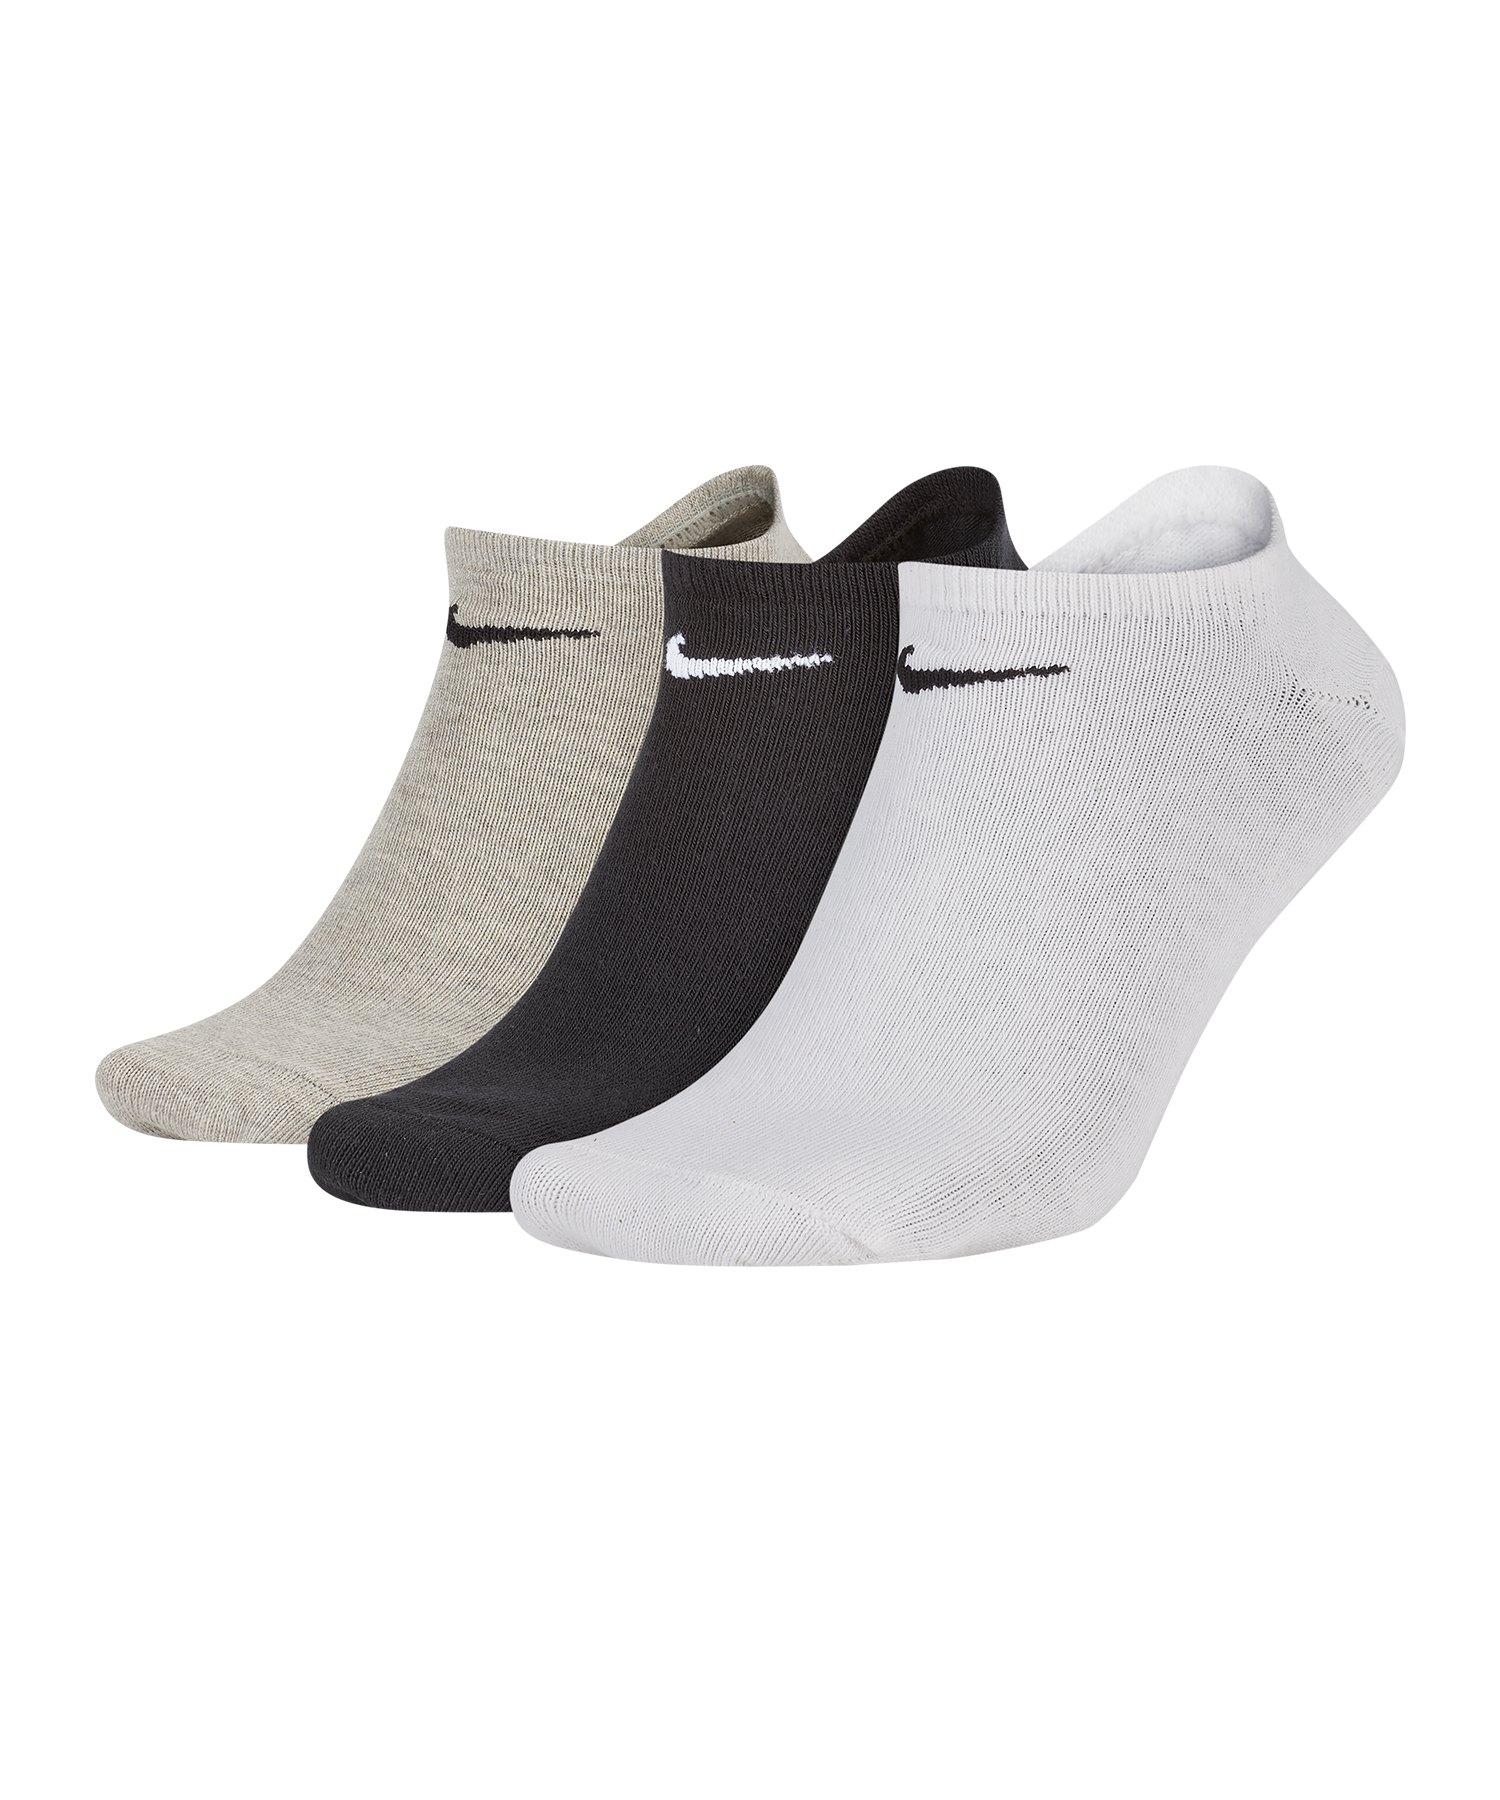 nike 3er pack socken f sslinge sneaker f901 s cklinge. Black Bedroom Furniture Sets. Home Design Ideas